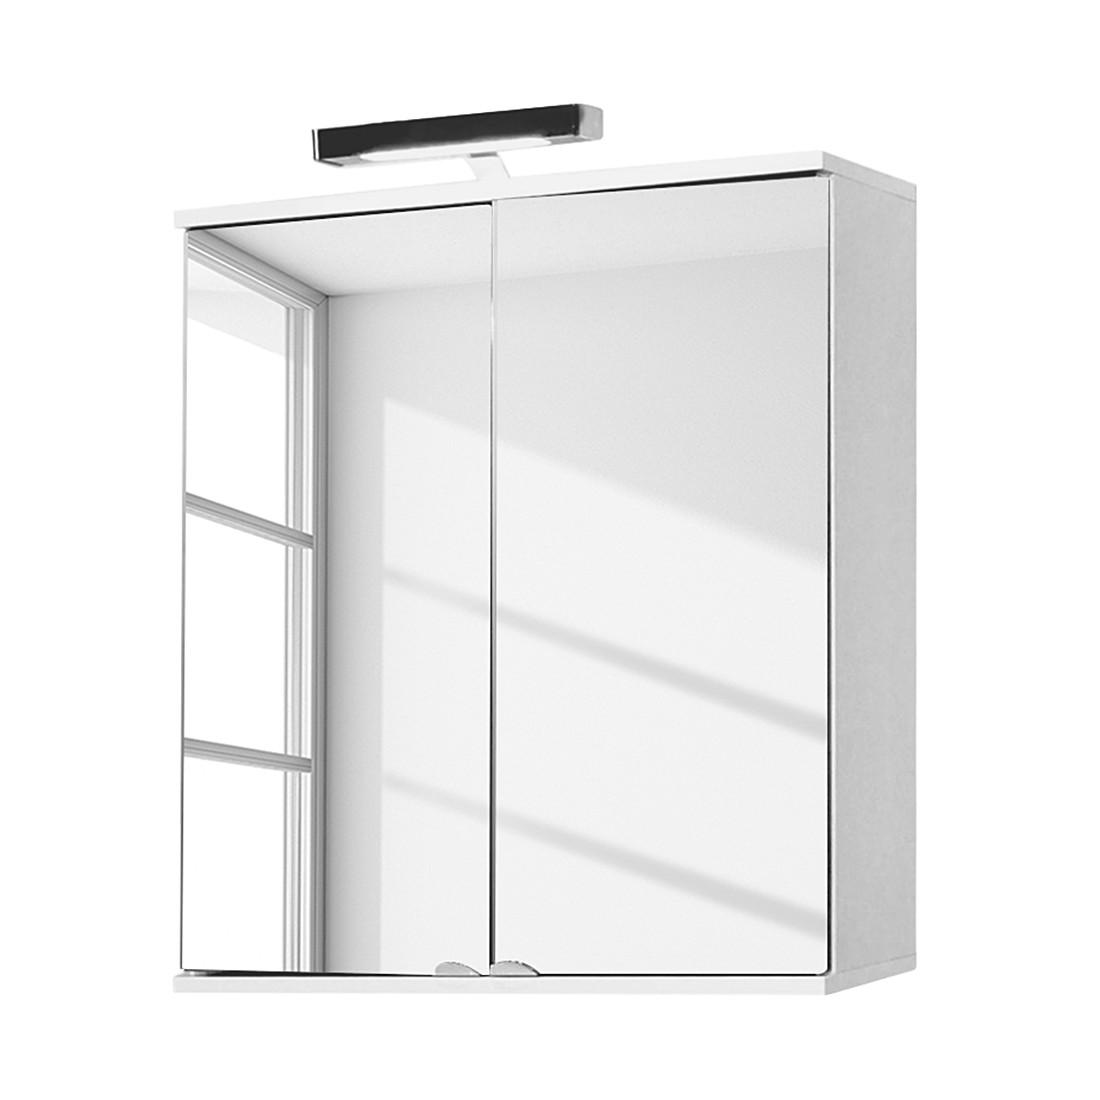 Spiegelschrank Largo – Weiß/Schwarz, Giessbach günstig bestellen